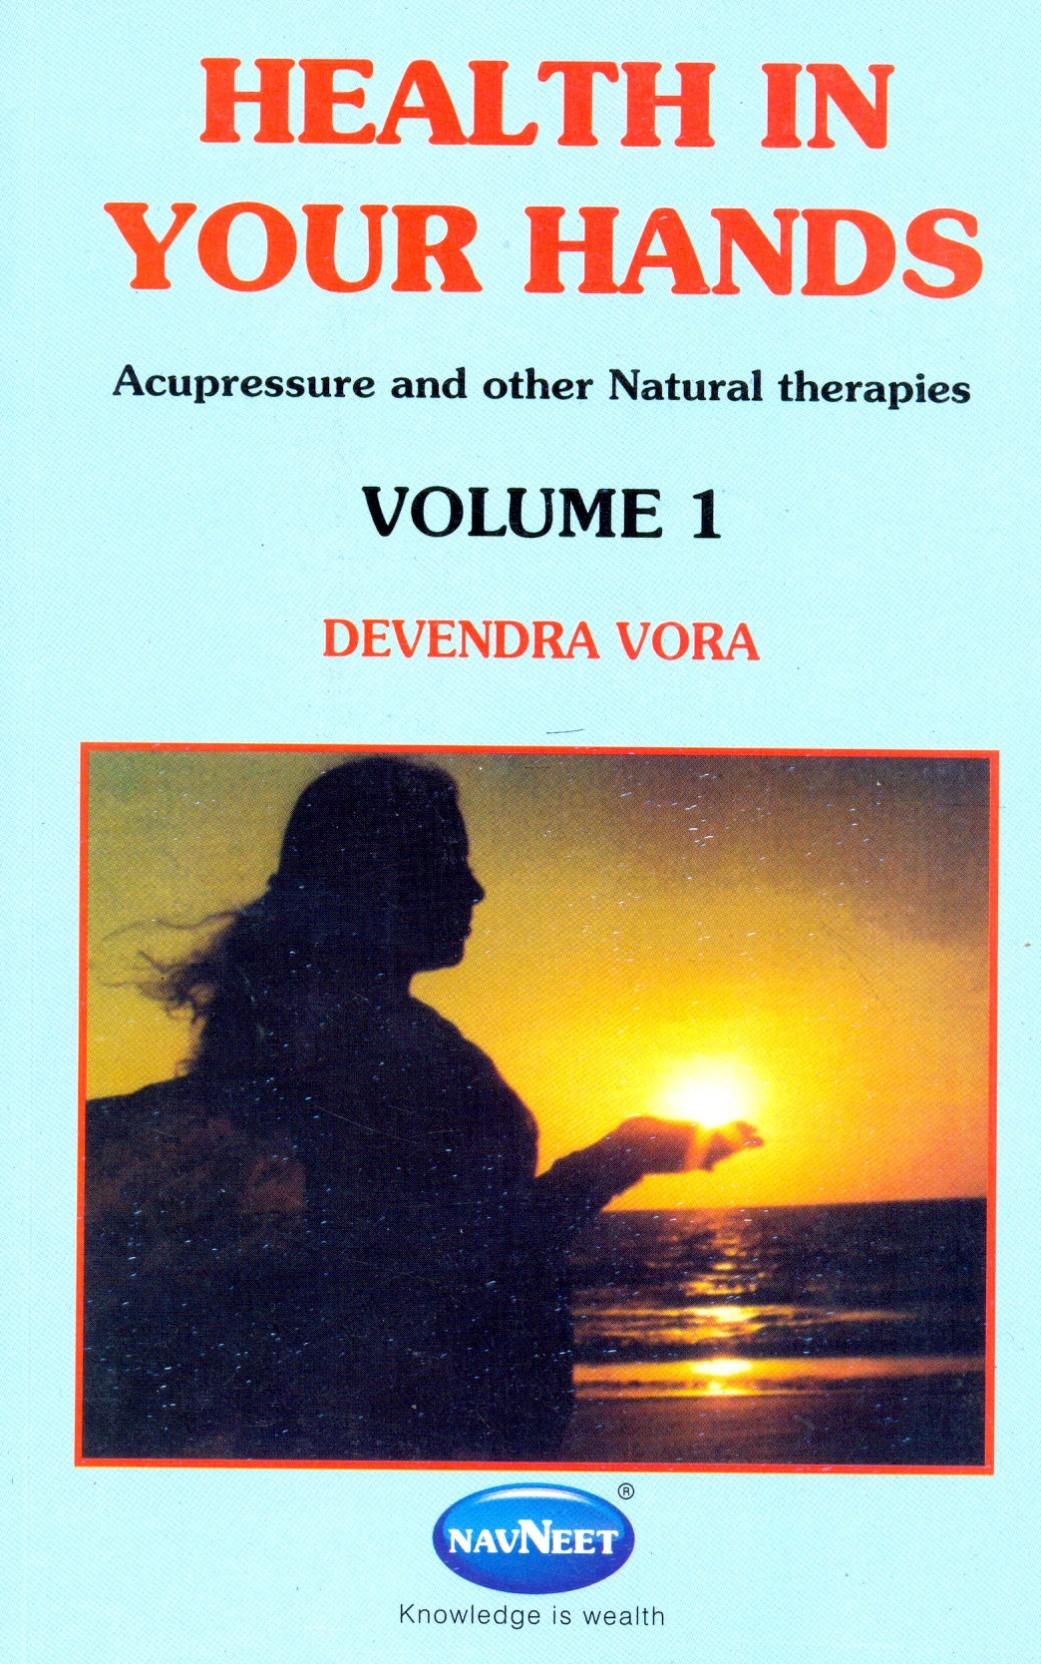 Health in your hands devendra vora